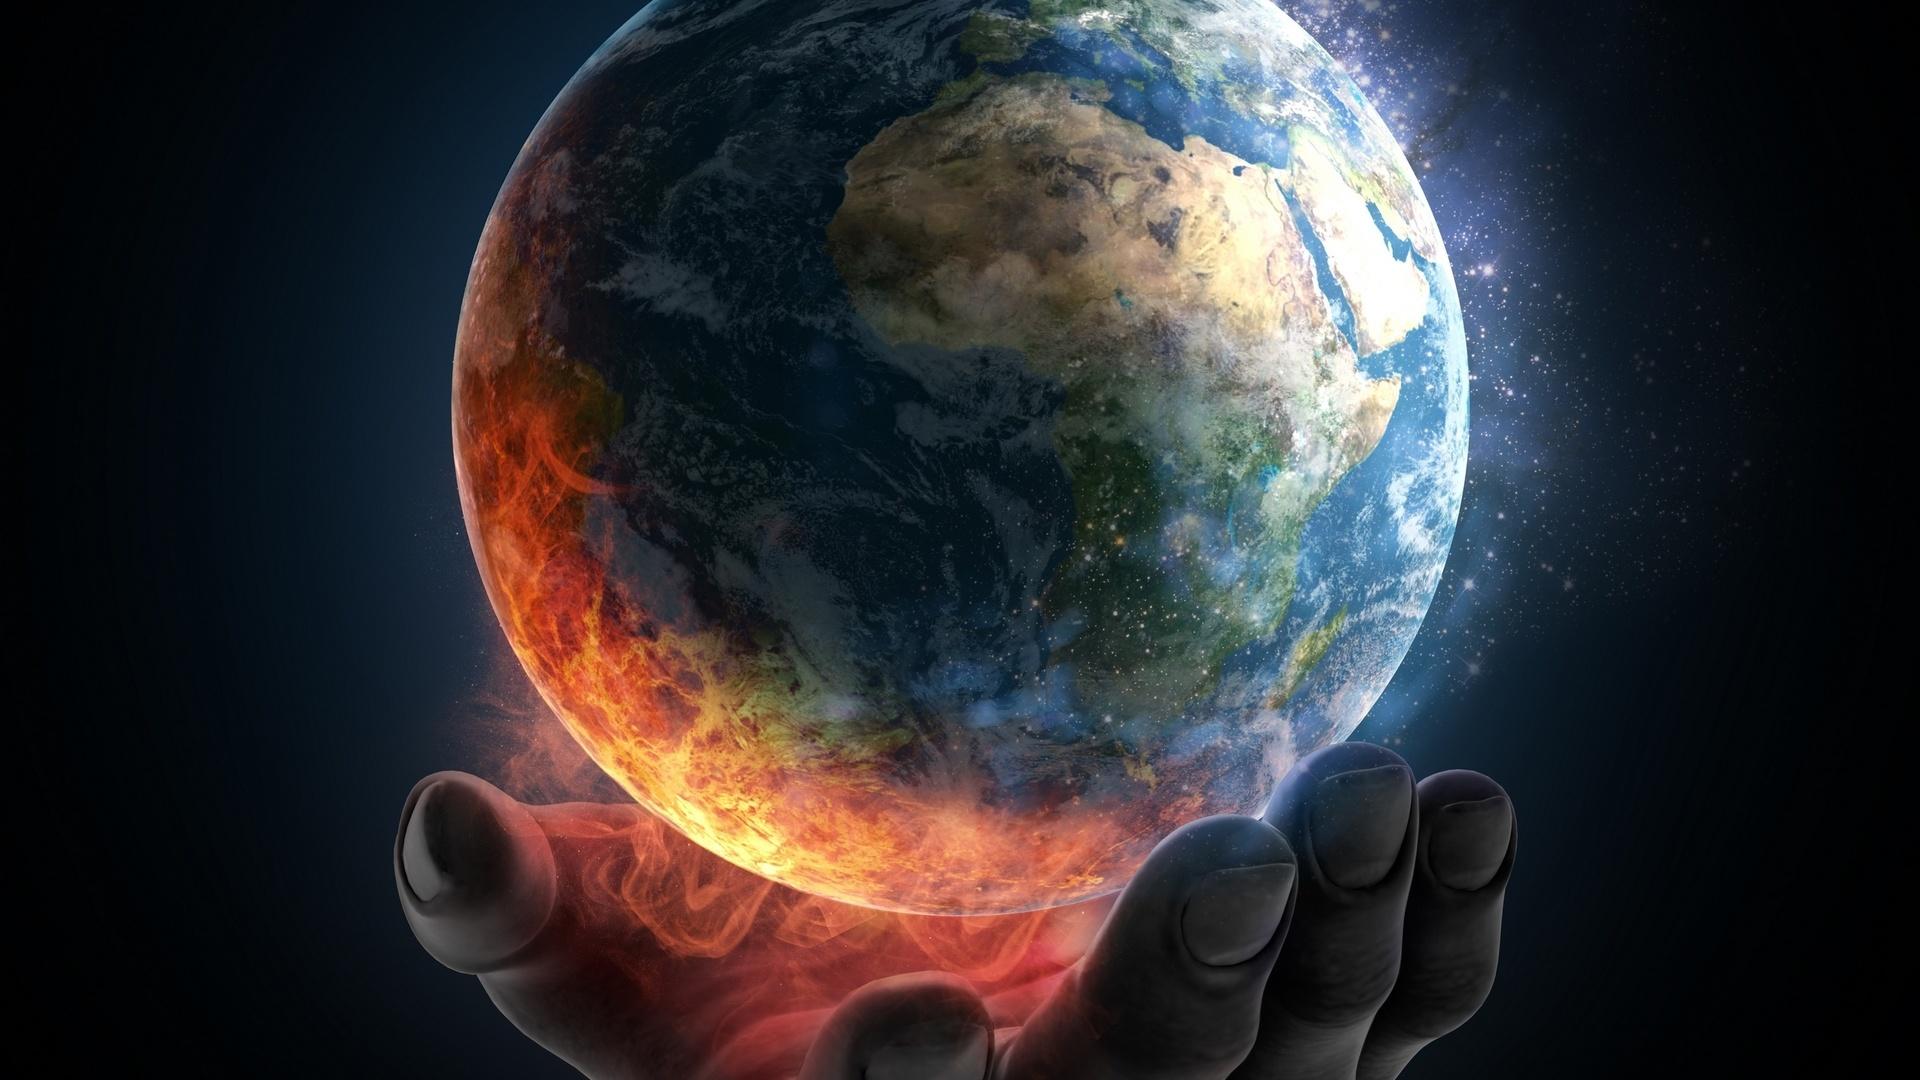 завтра планета для жизни картинки светят своими огромными